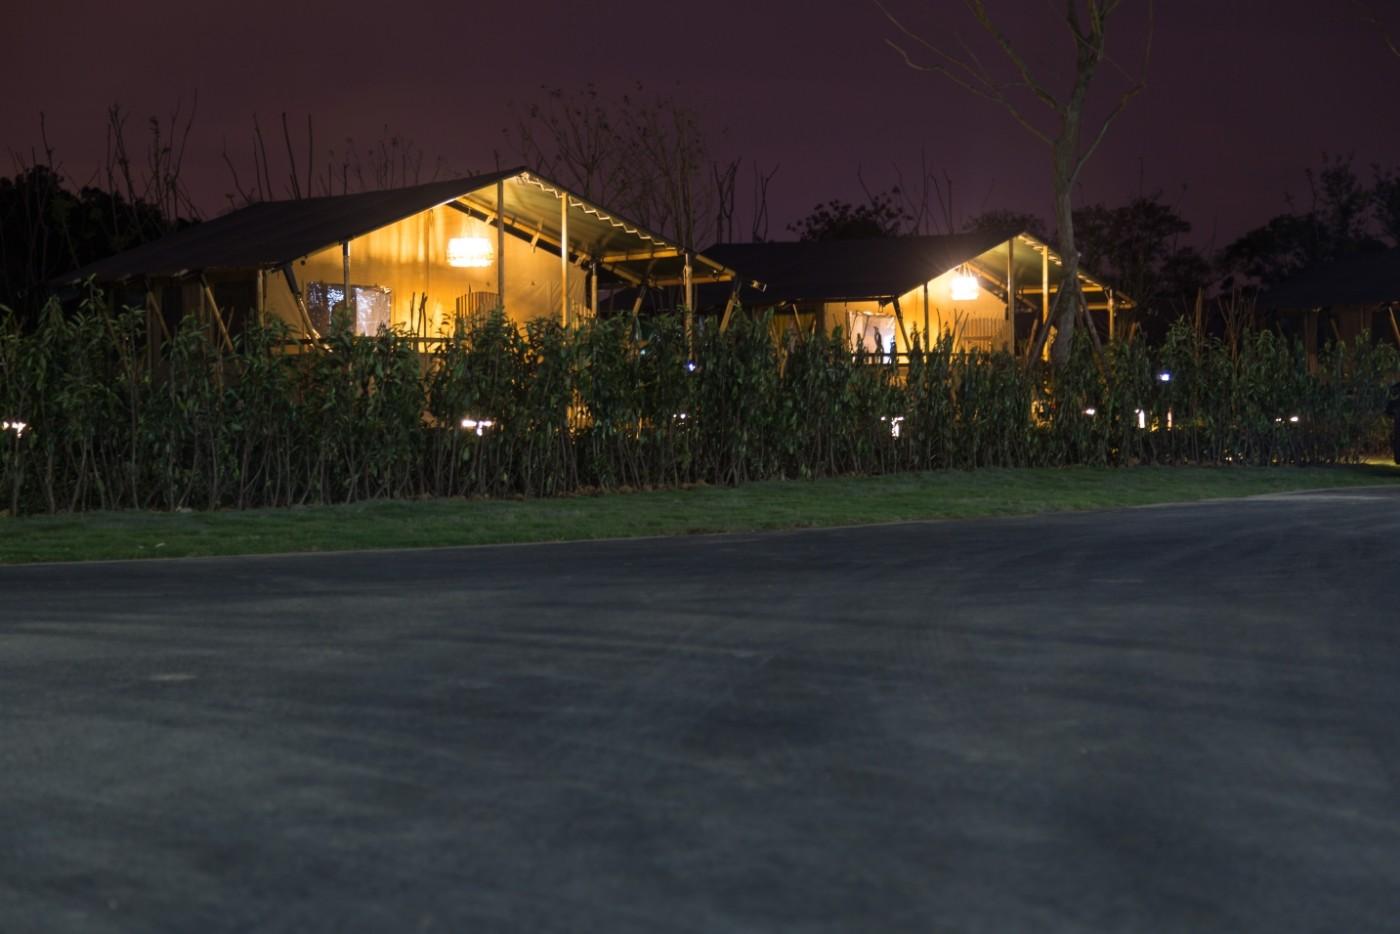 喜马拉雅野奢帐篷酒店—太湖湾露营谷15